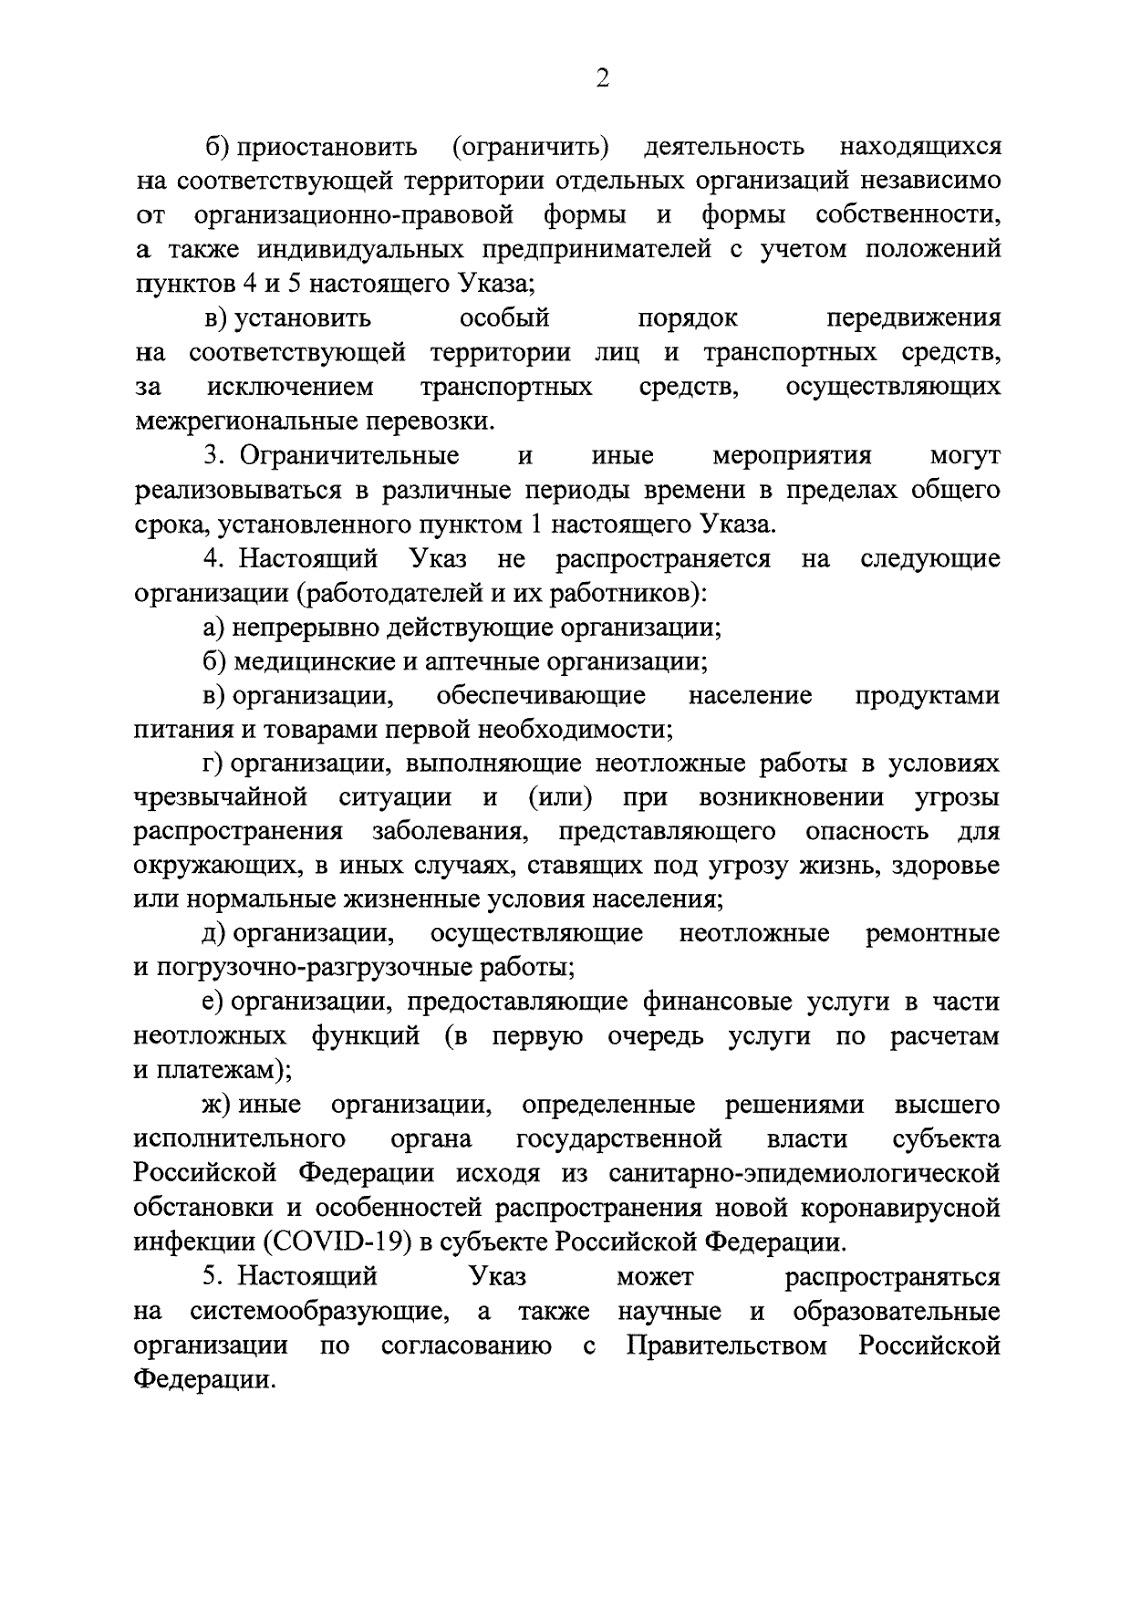 Указ Президента РФ № 239 от 02.04.2020 - 2